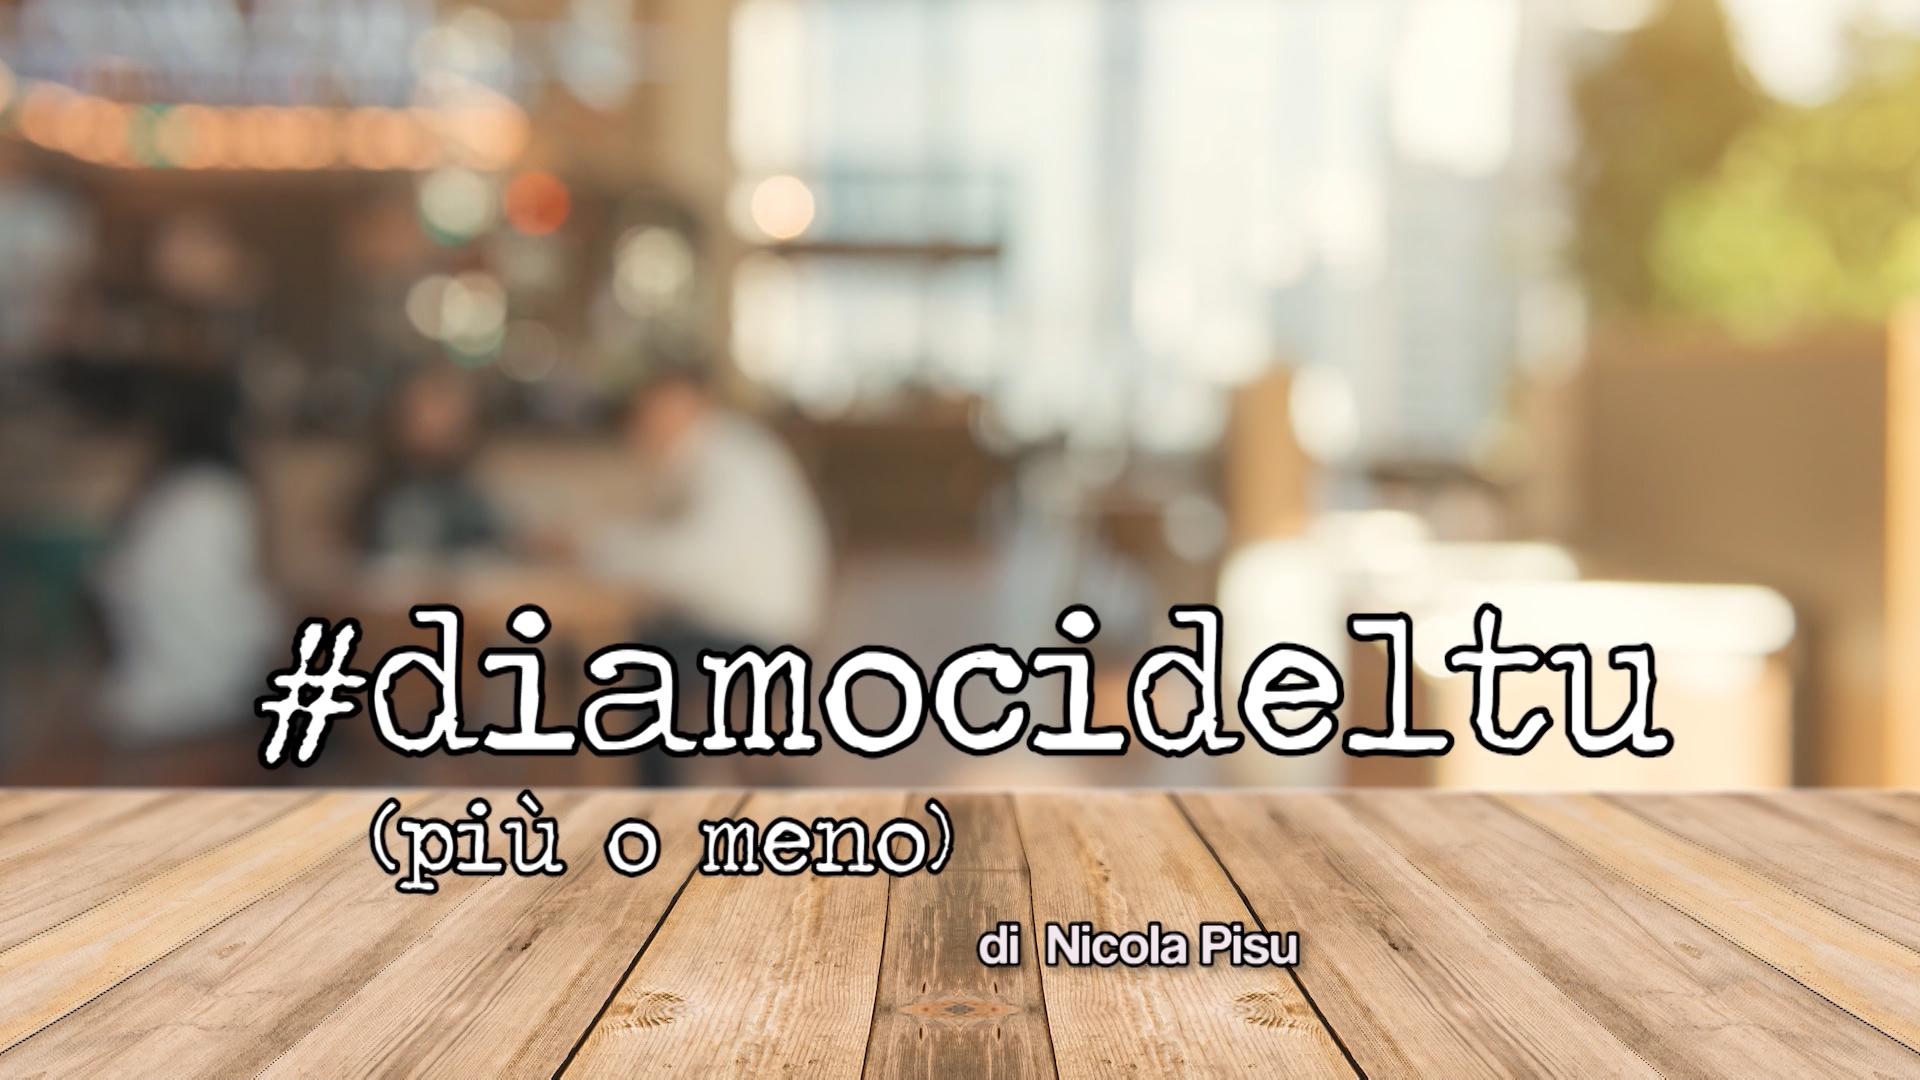 #diamocideltu (più o meno)